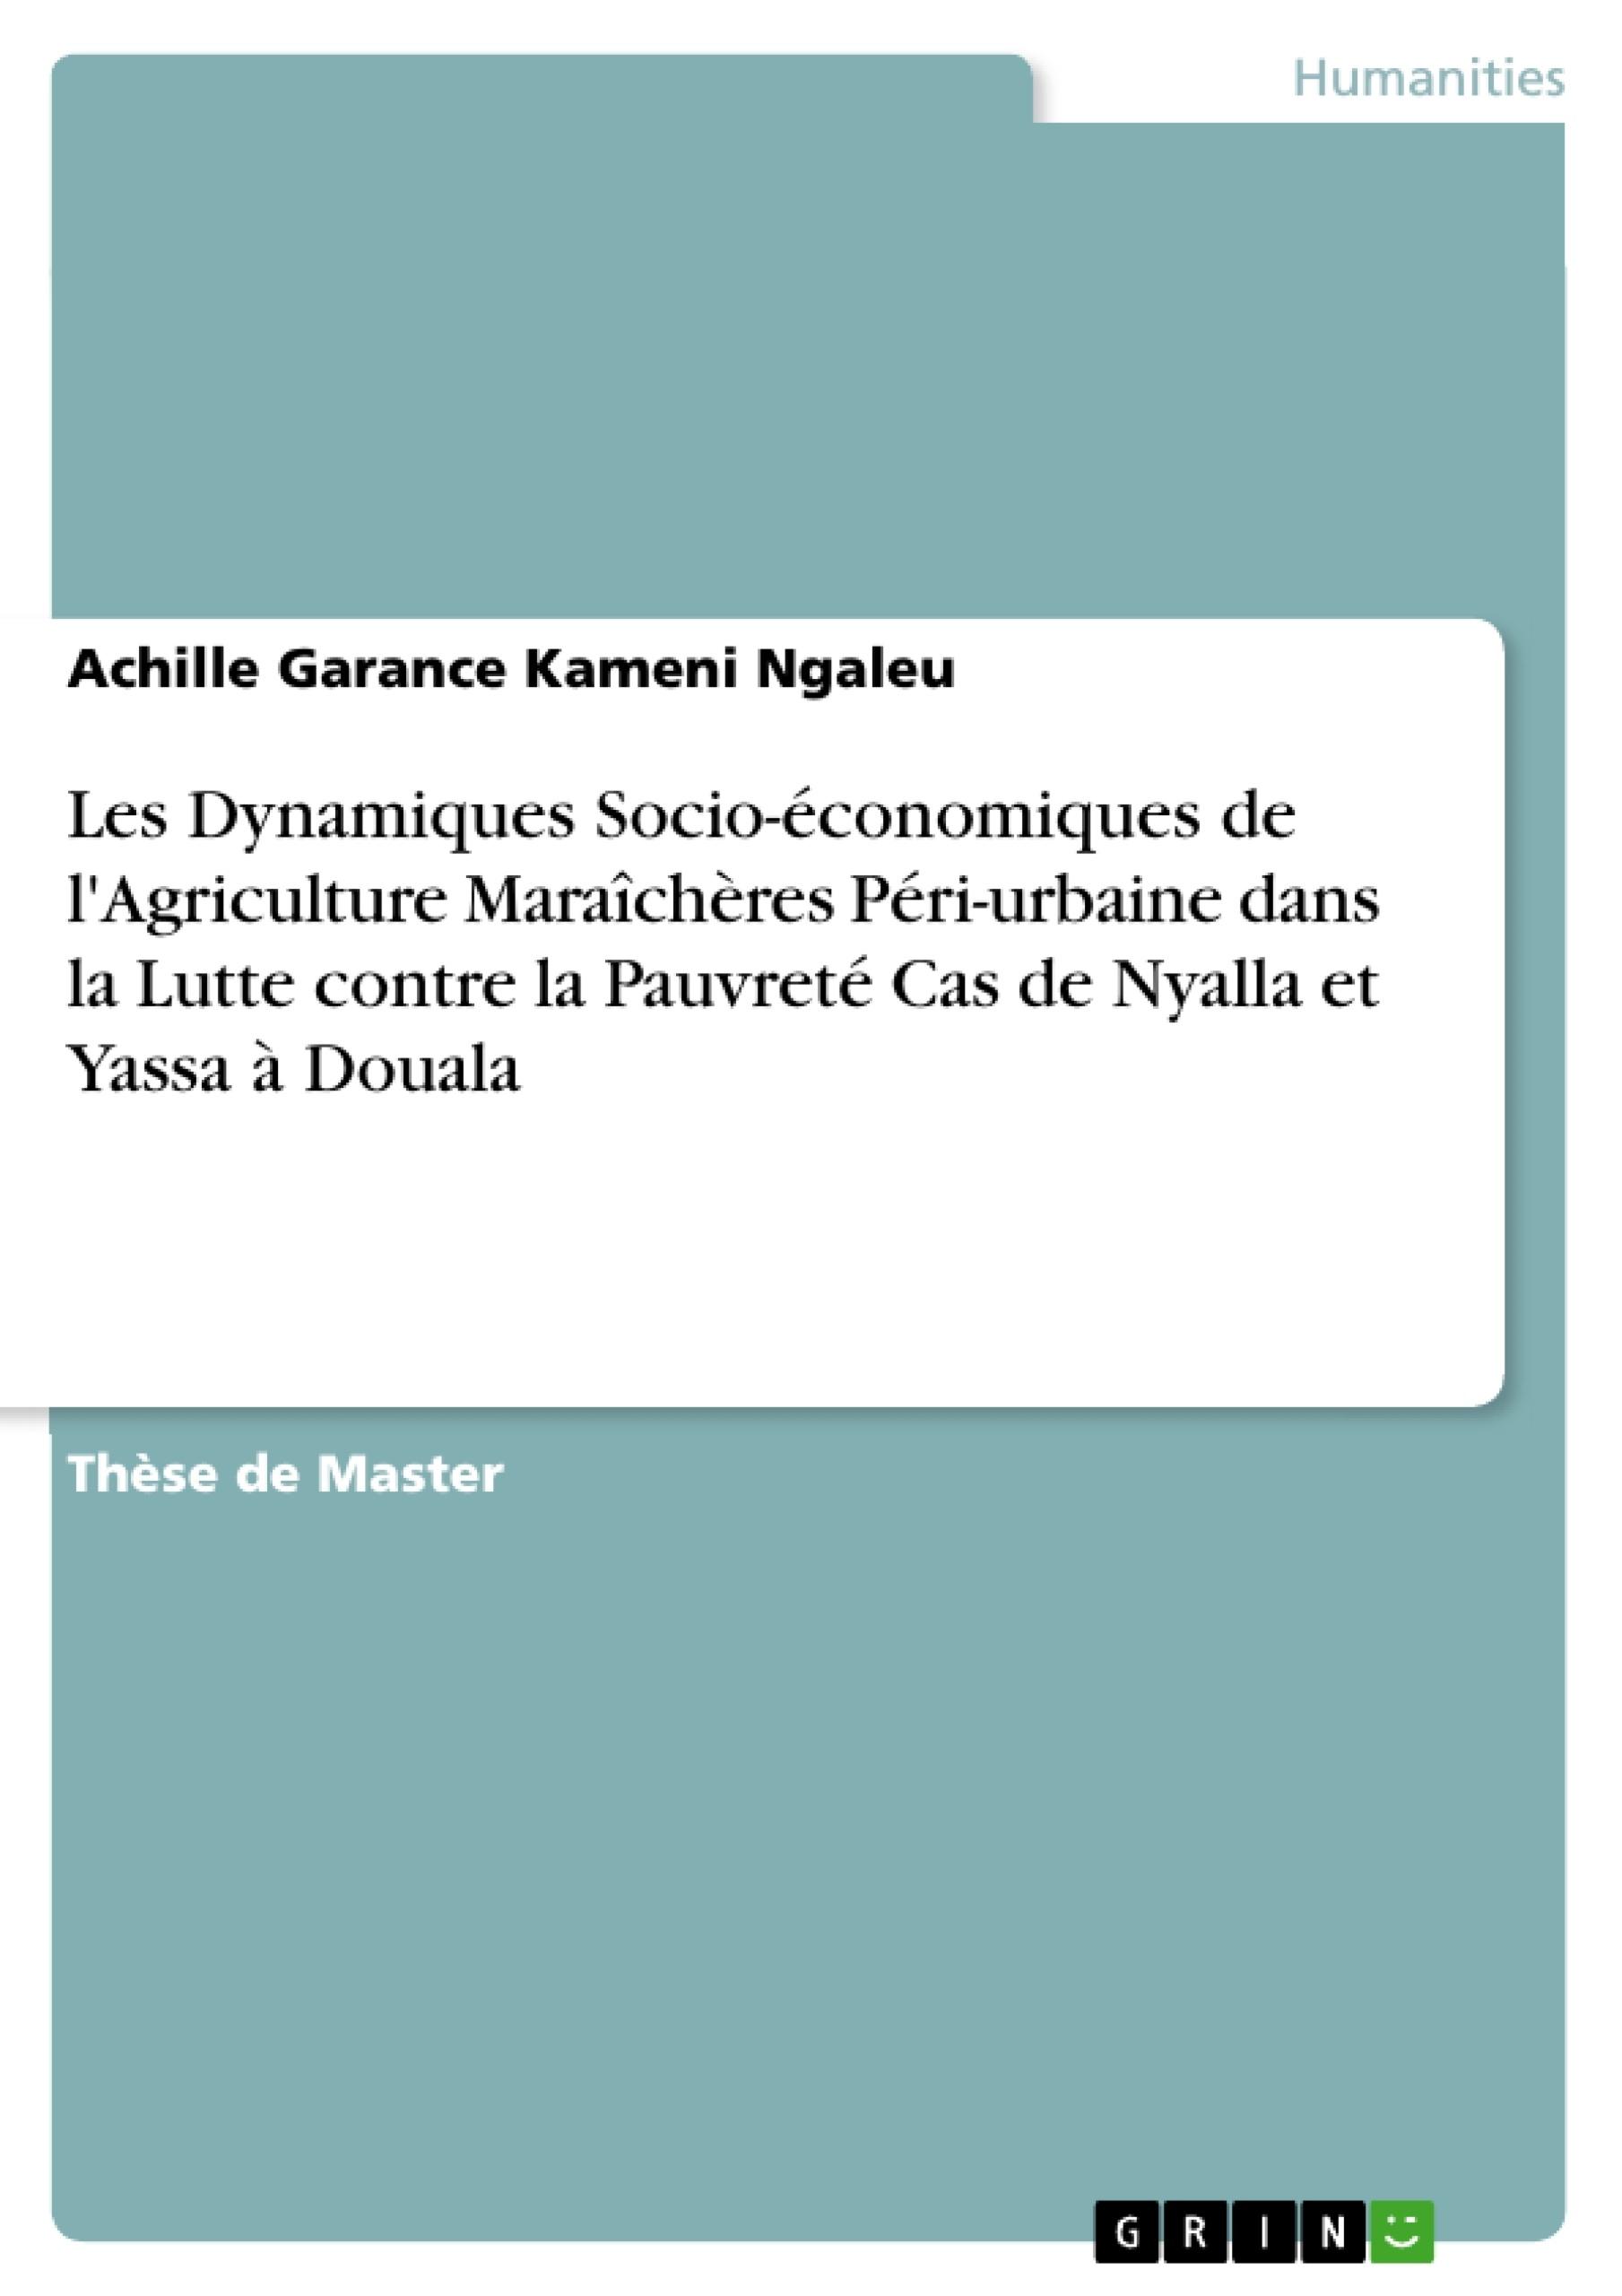 Titre: Les Dynamiques Socio-économiques de l'Agriculture Maraîchères Péri-urbaine dans la Lutte contre la Pauvreté Cas de Nyalla et Yassa à Douala